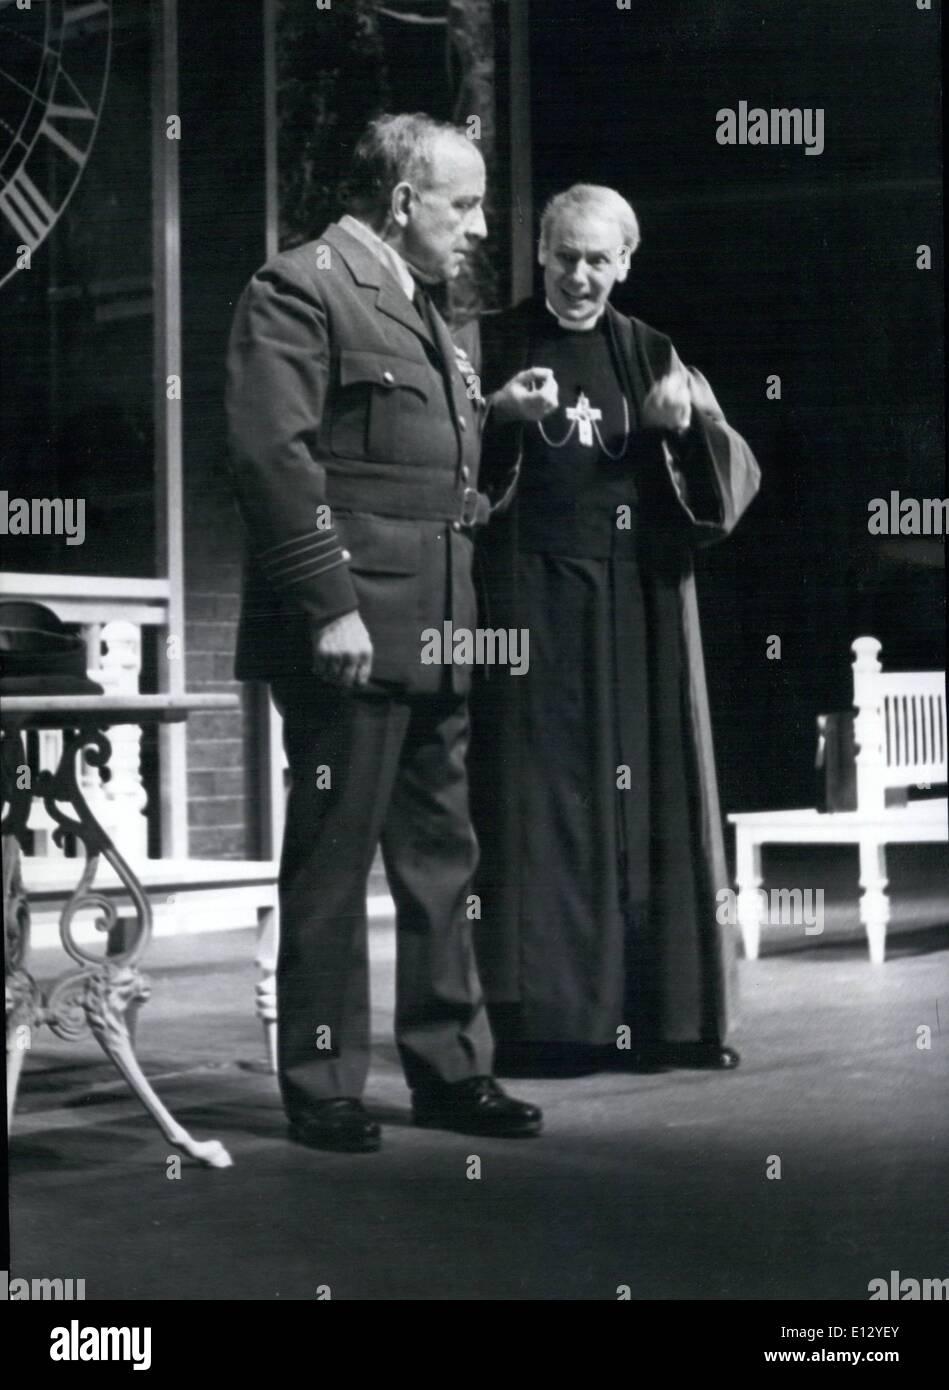 26. Februar 2012 - Welt-Premiere von Hochhuth ist '' The Soldiers'' (Soldaten) in West-Berlin (Hochhuth ist der Autor '' The Deputy'') Stockbild